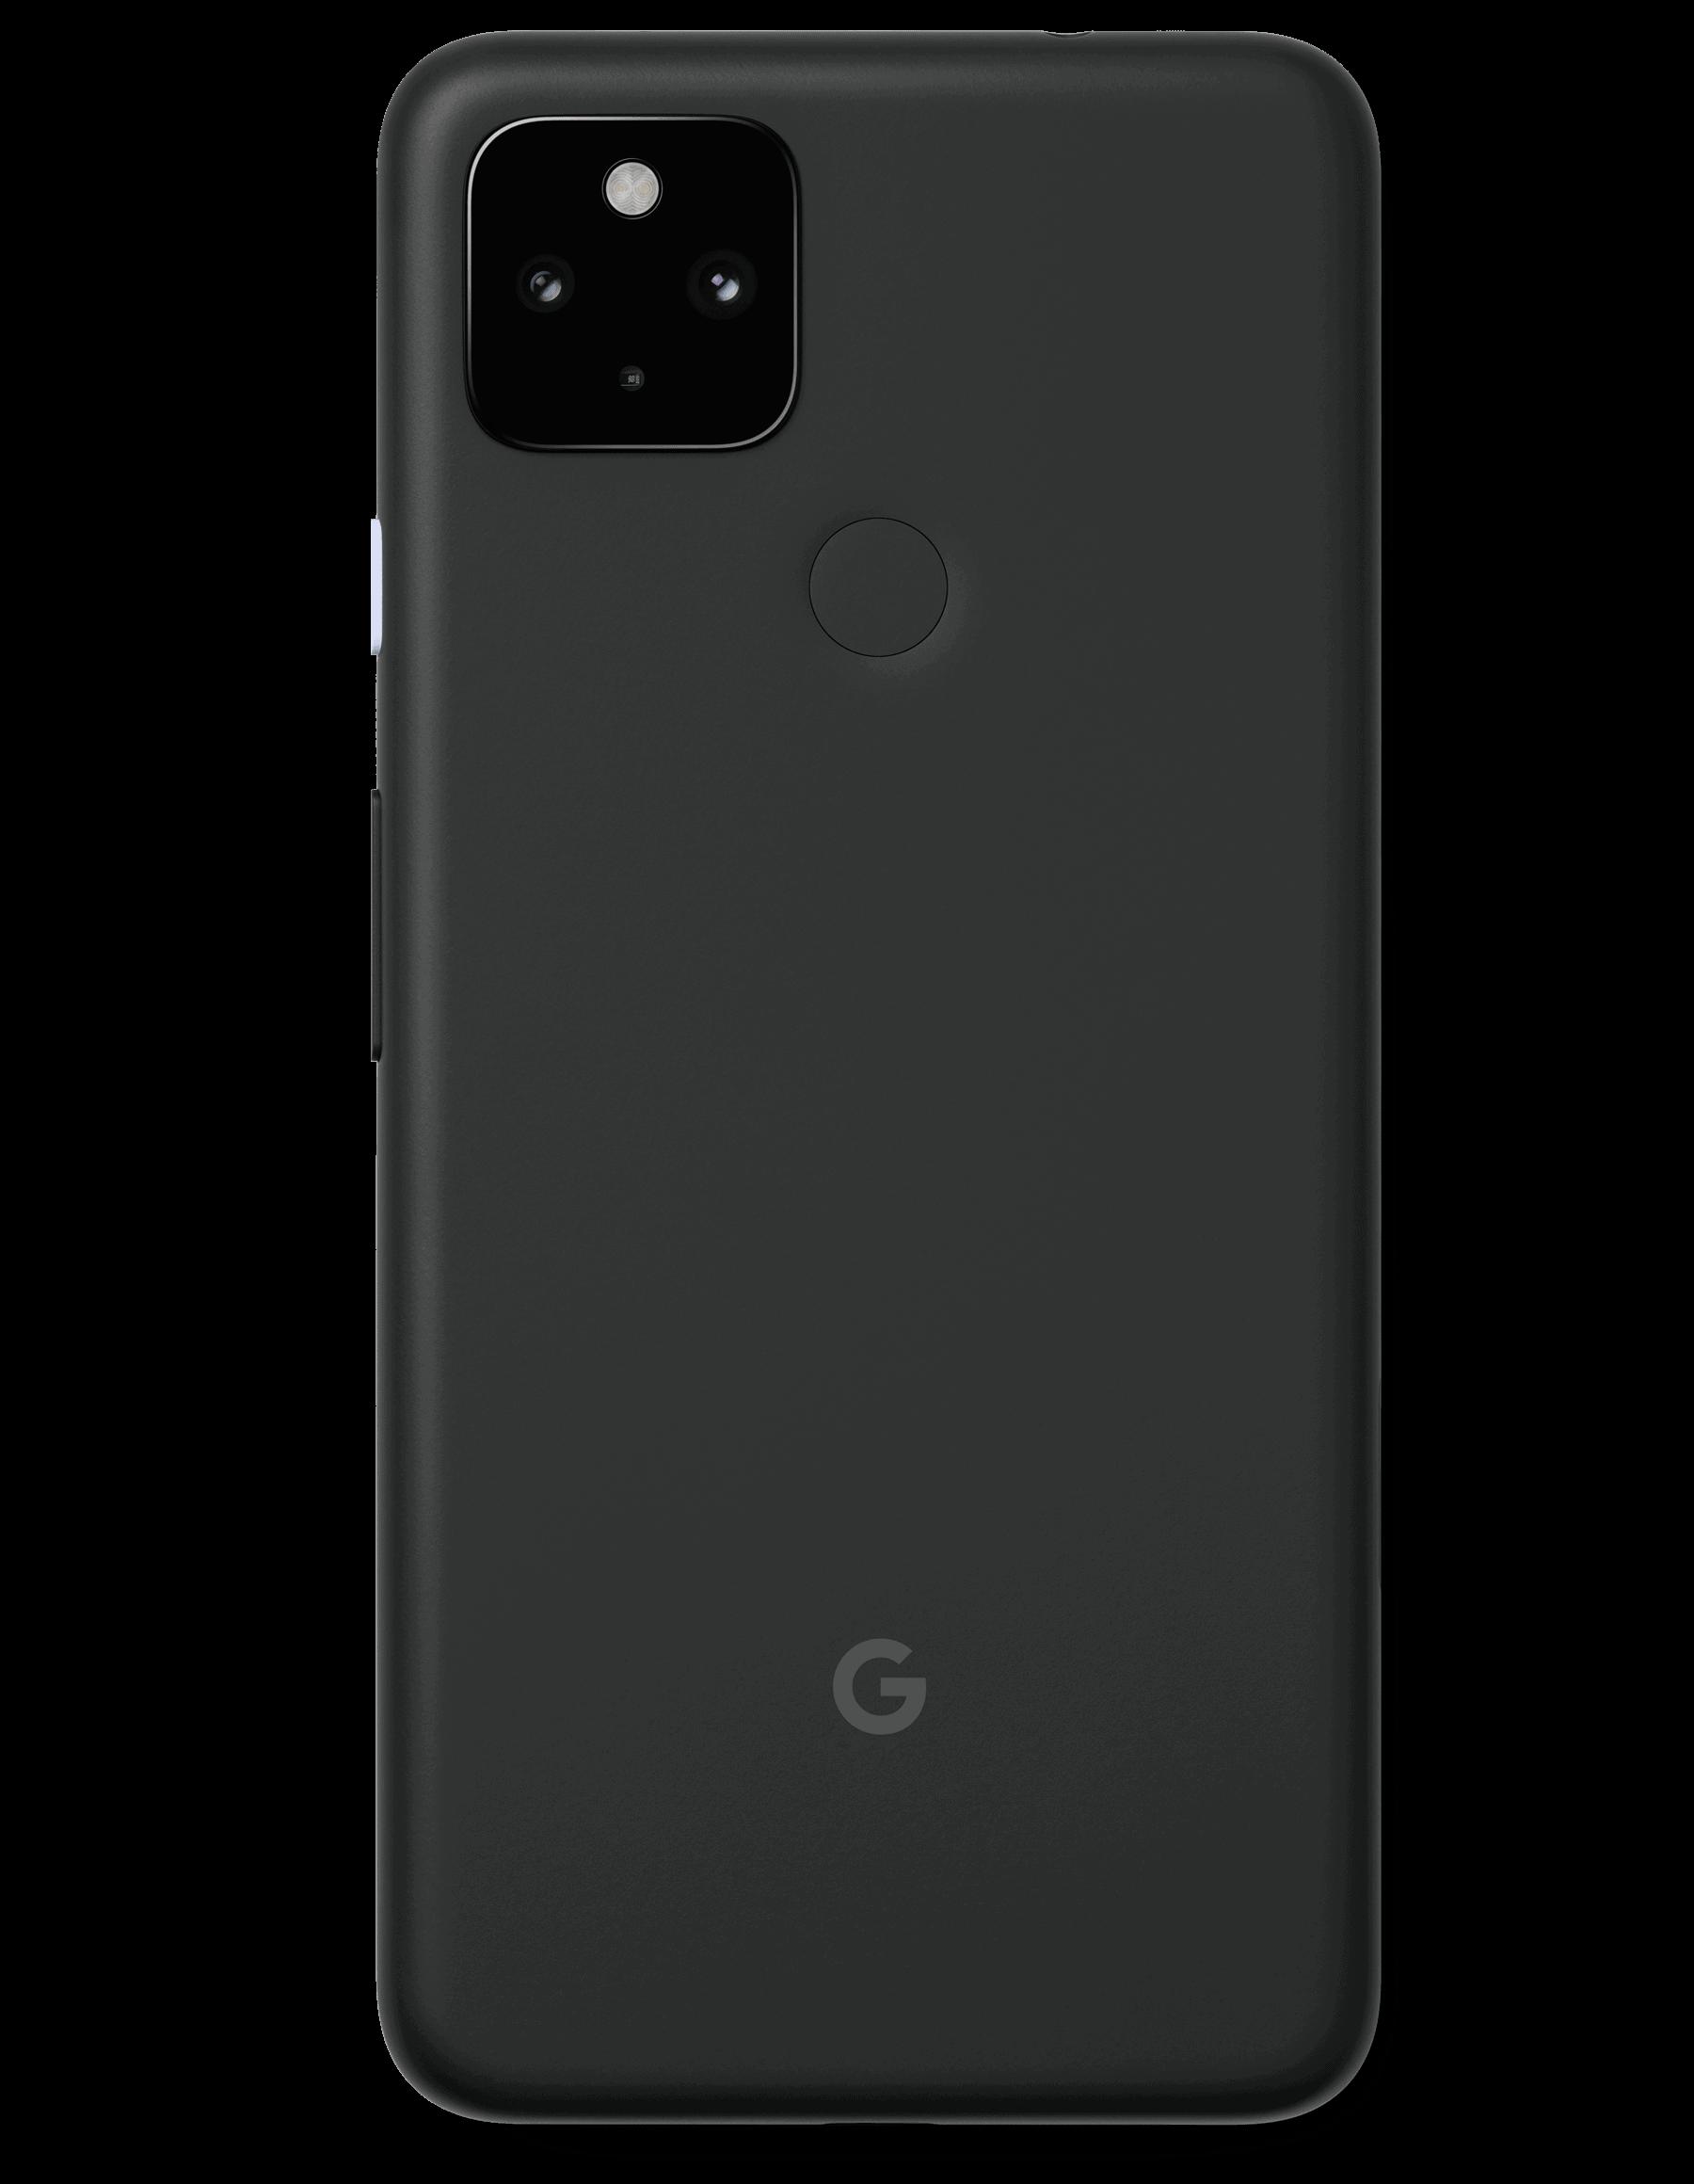 2pixel 4a 5g leak